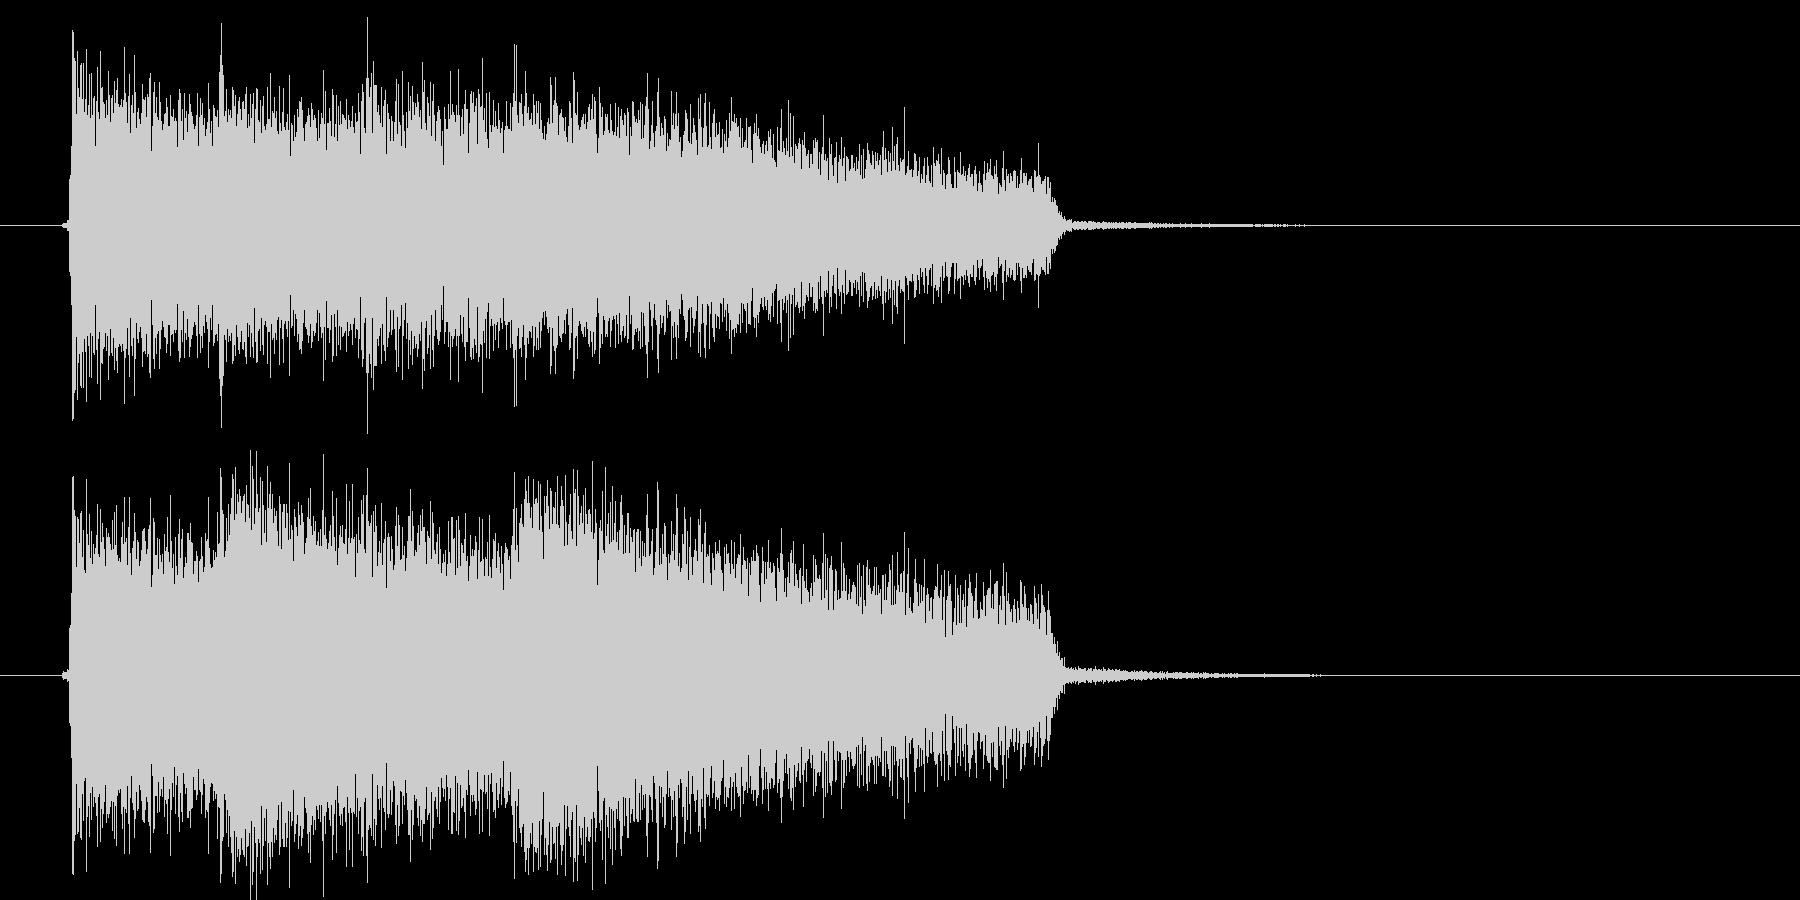 激しいロックサウンド(ゲーム、アプリ)の未再生の波形